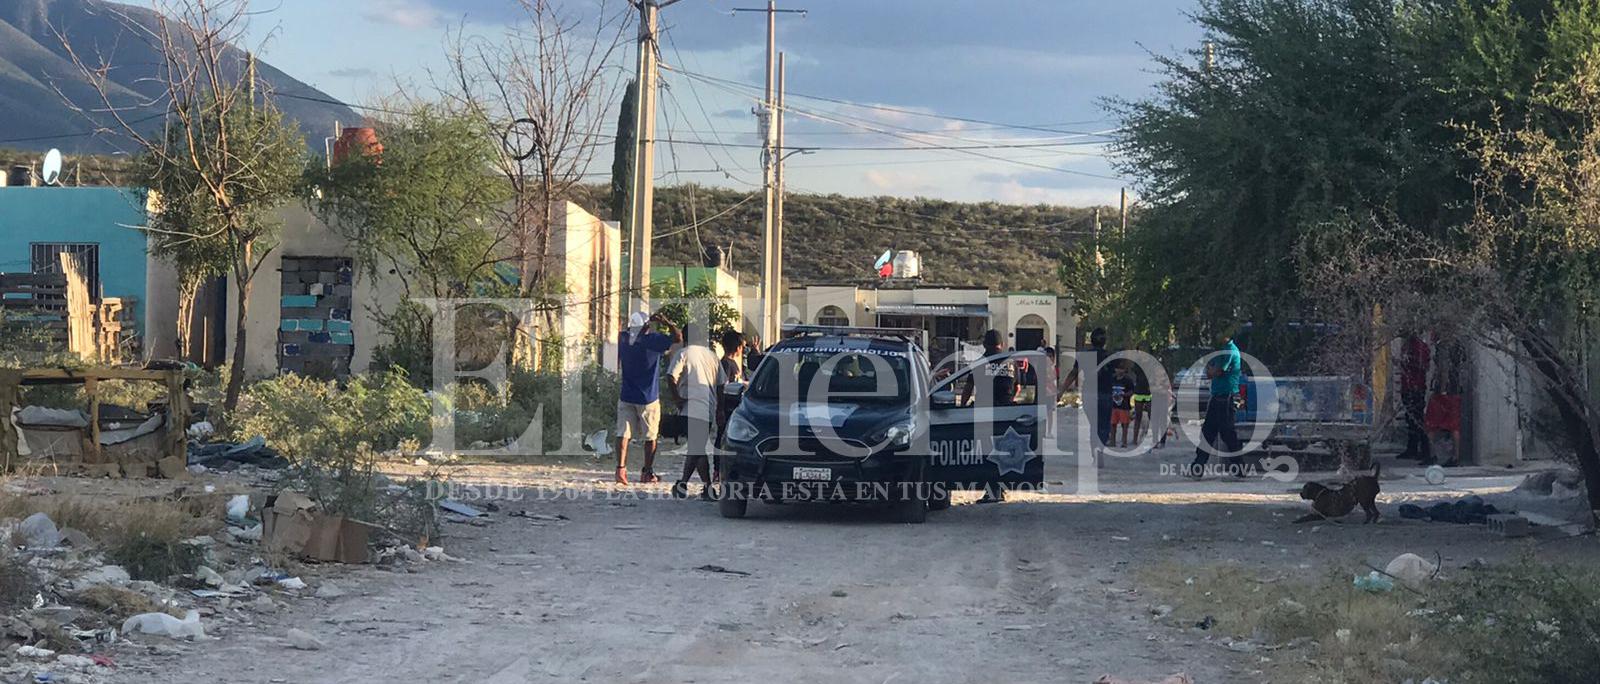 Habitantes de Monclova agarran a batazos a policías en la colonia Campanario